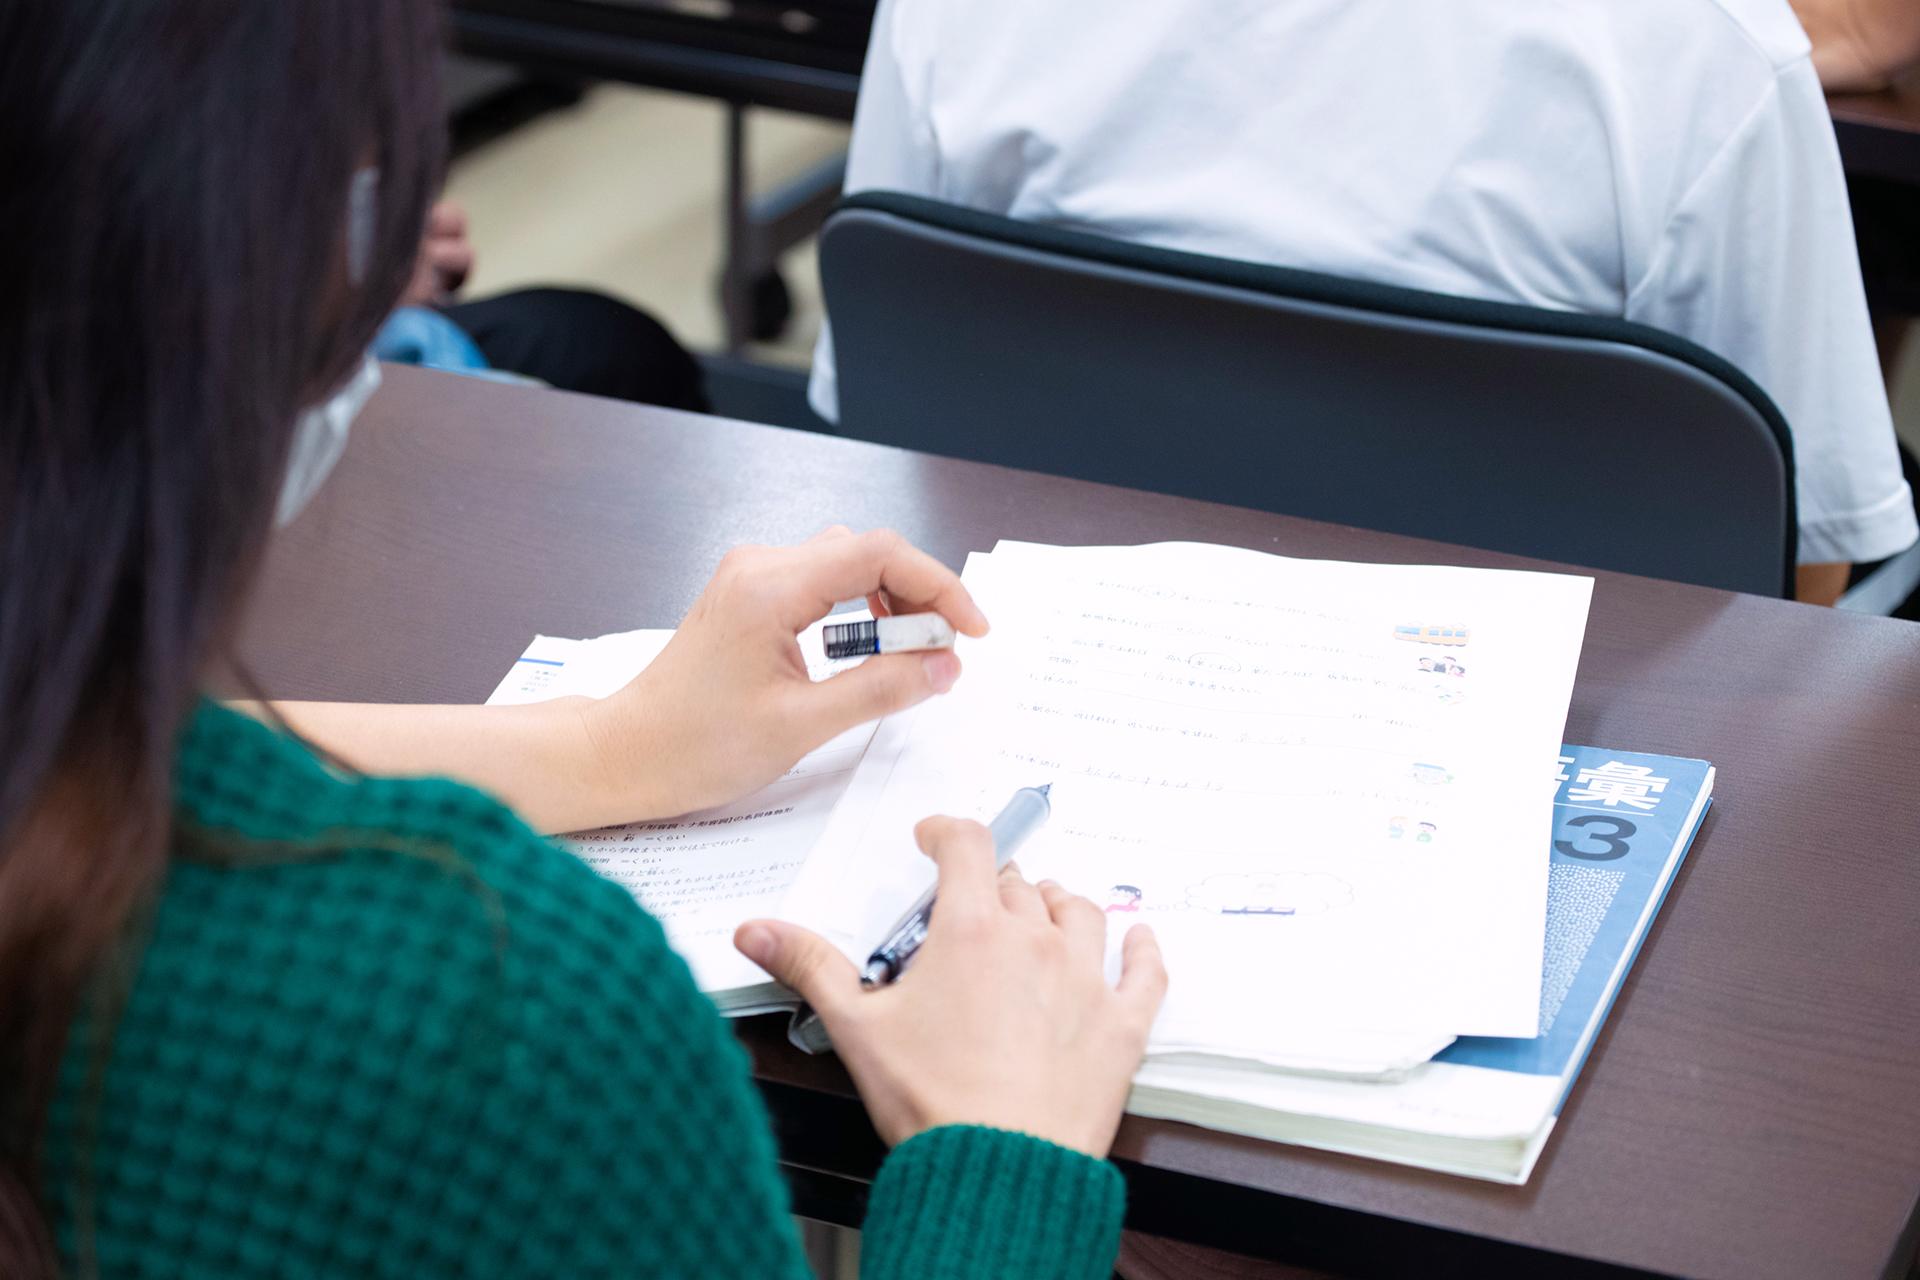 国際通訳ビジネス学科 将来の就職に必要な国際ビジネス関係科目が履修できる